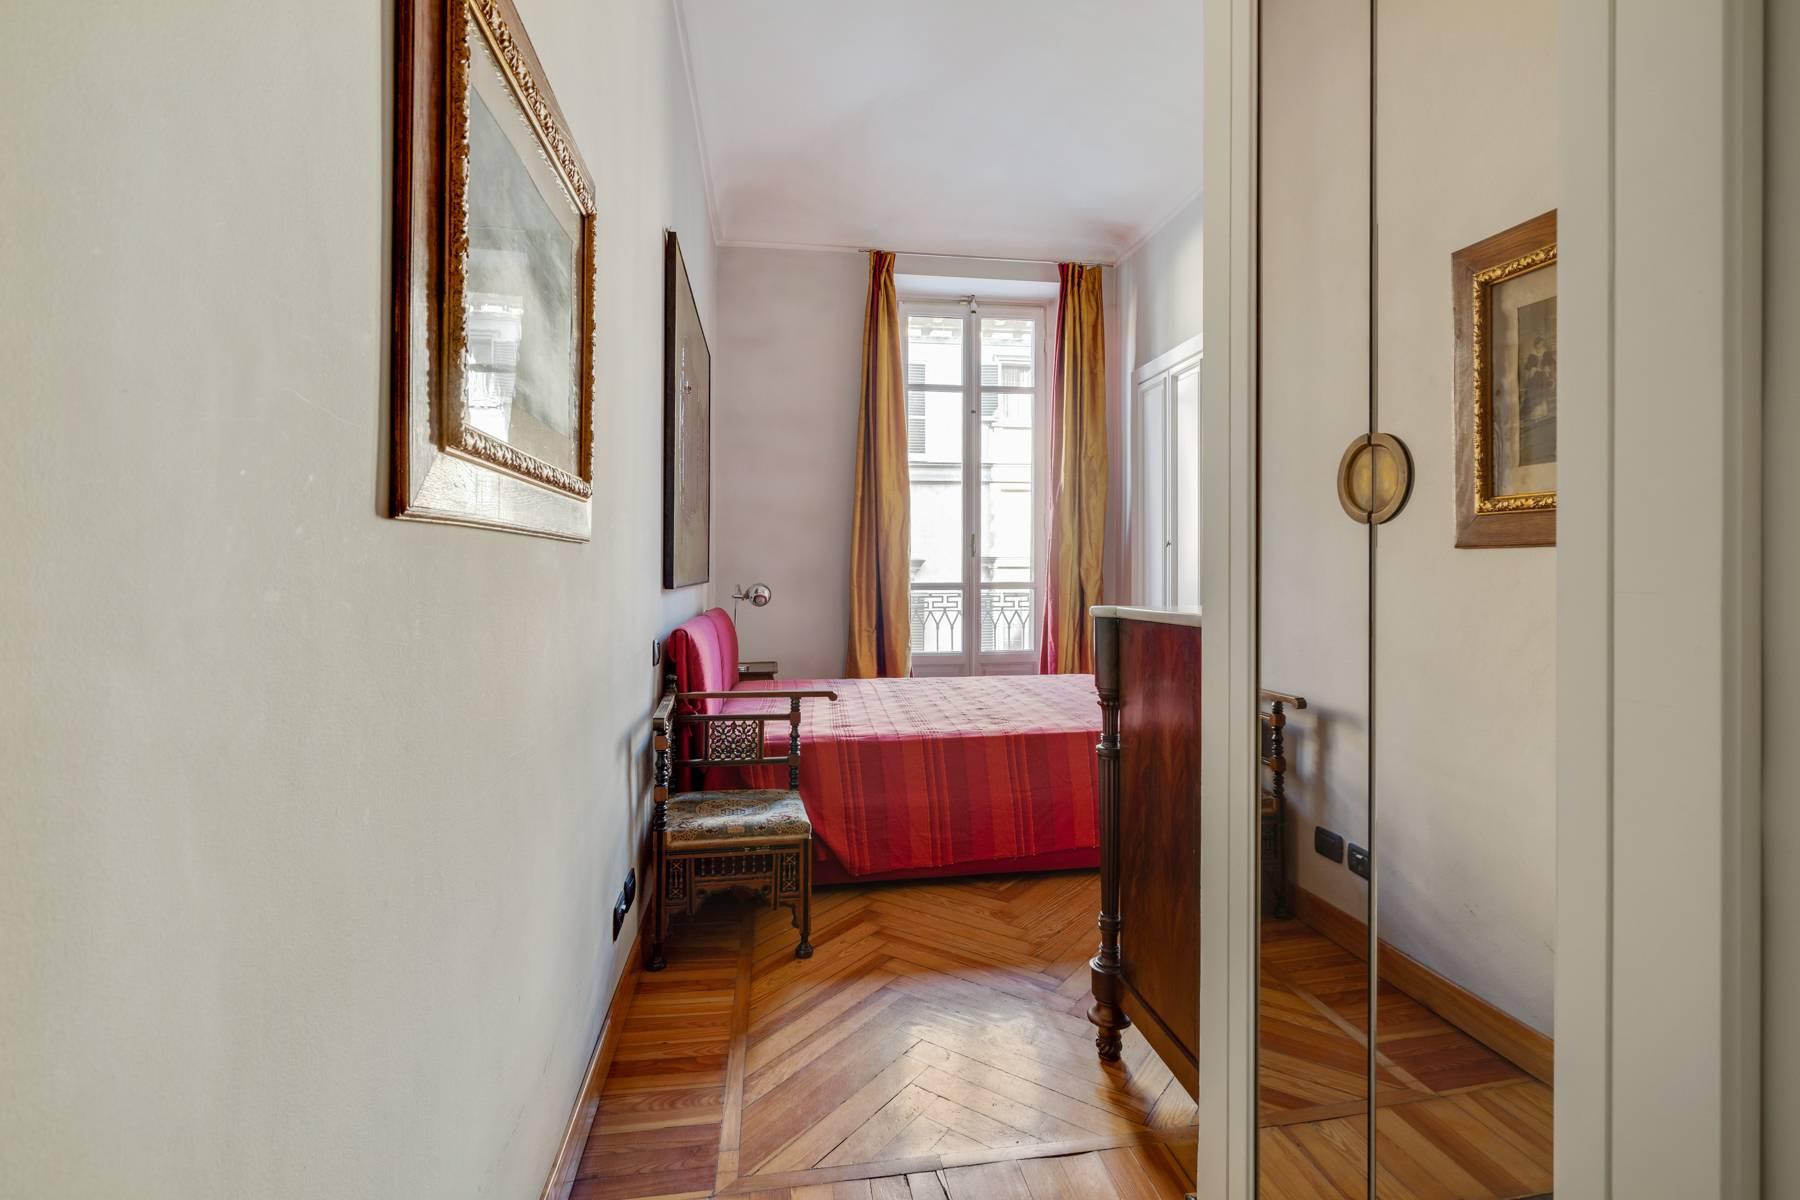 Appartamento in Vendita a Torino: 4 locali, 112 mq - Foto 15